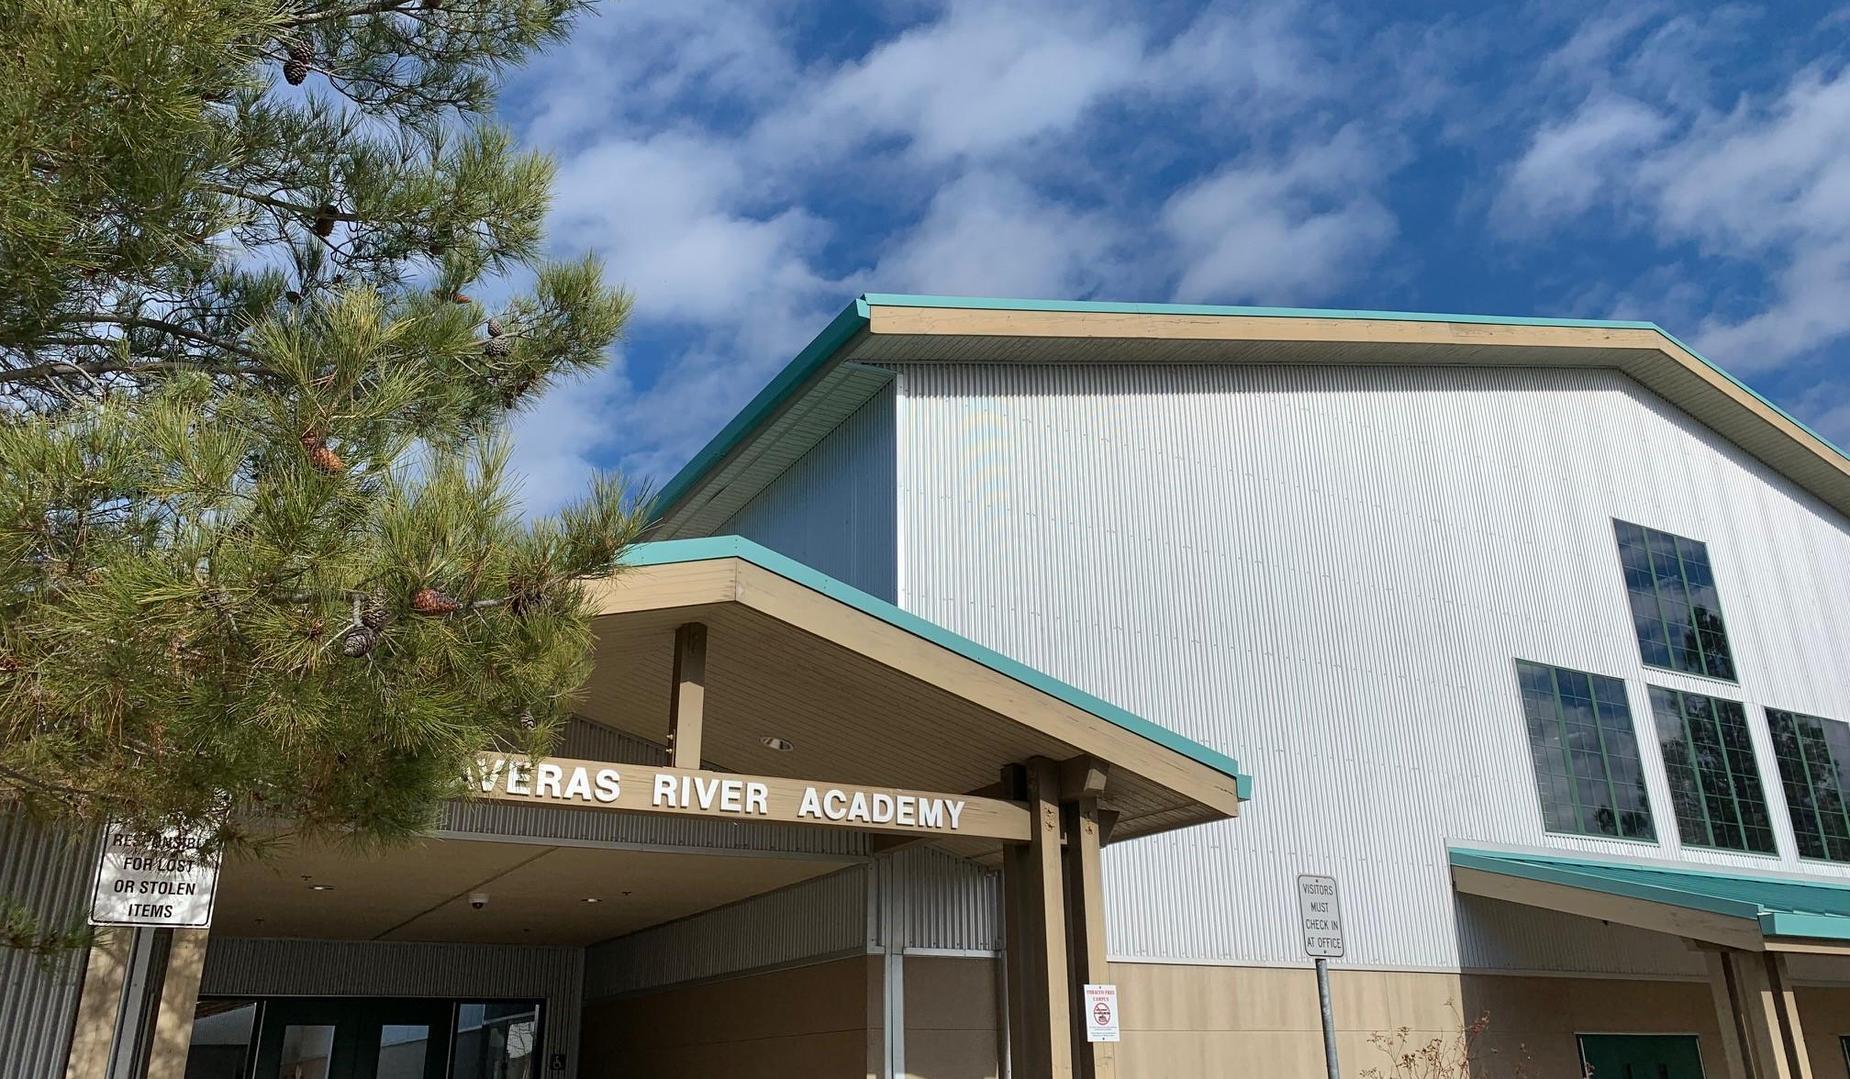 Calaveras River Academy building